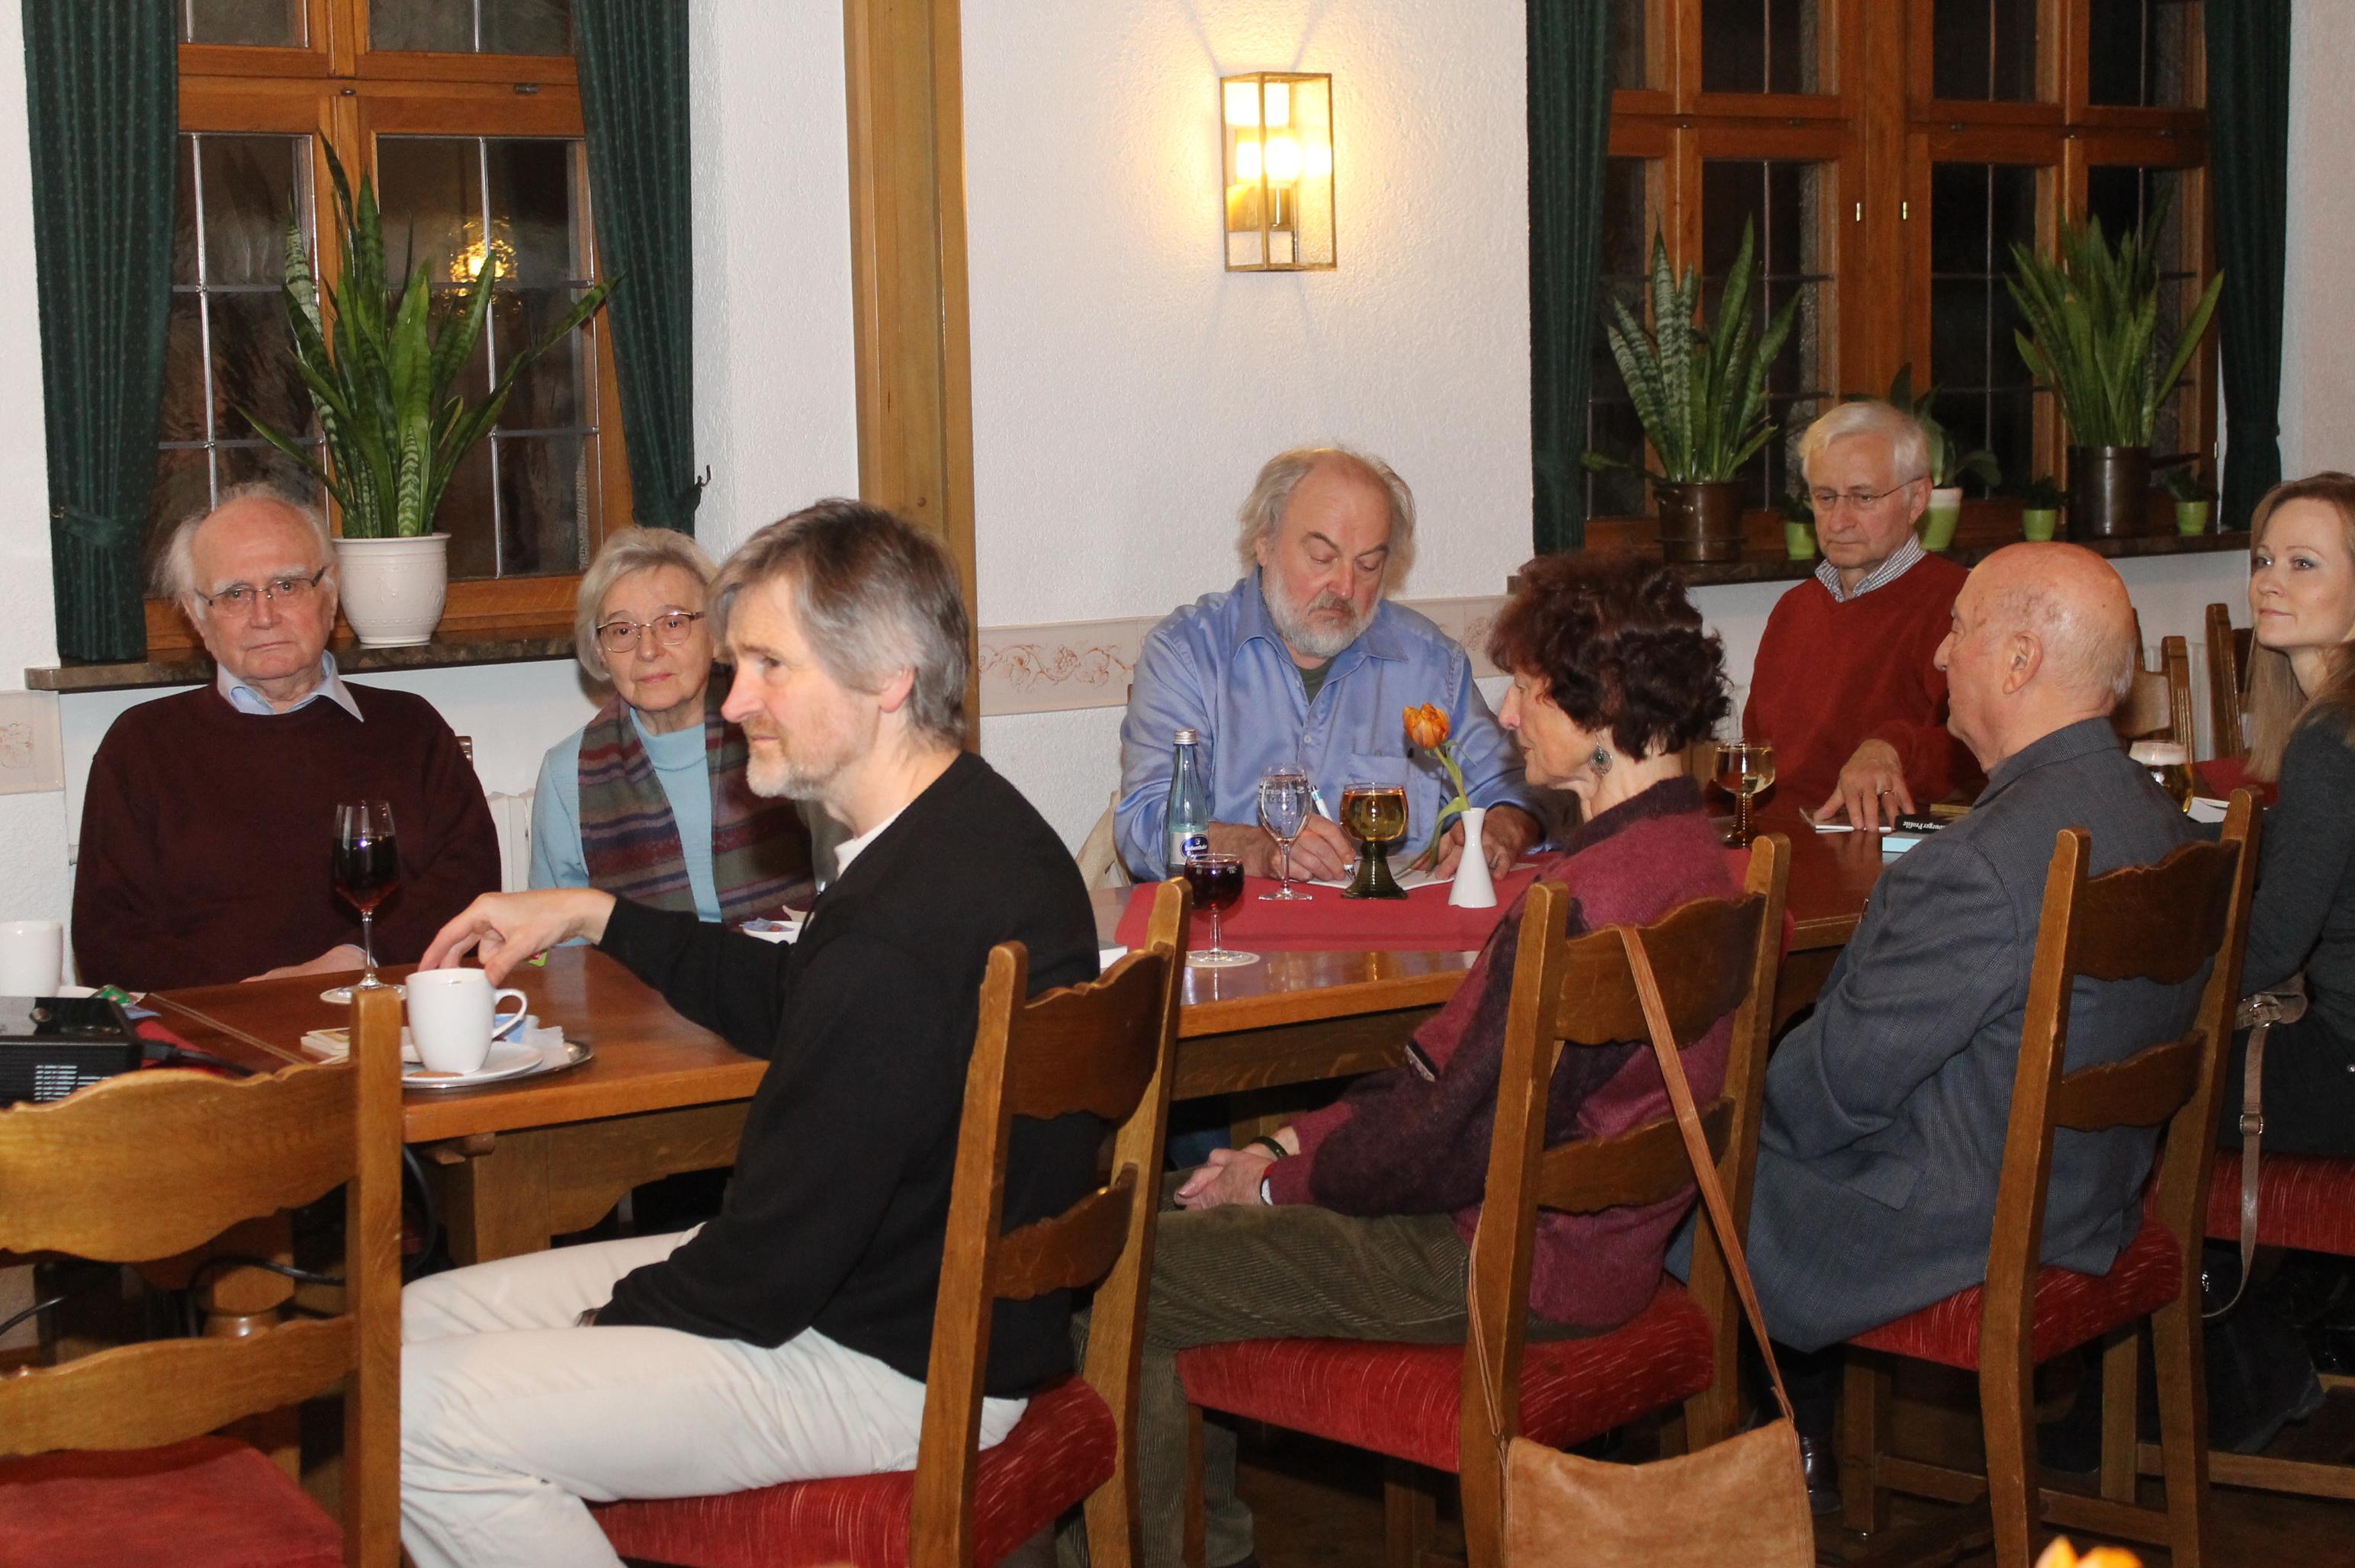 VAR - Vortrag Kloster Lorsch - 02_2016_JoE_008